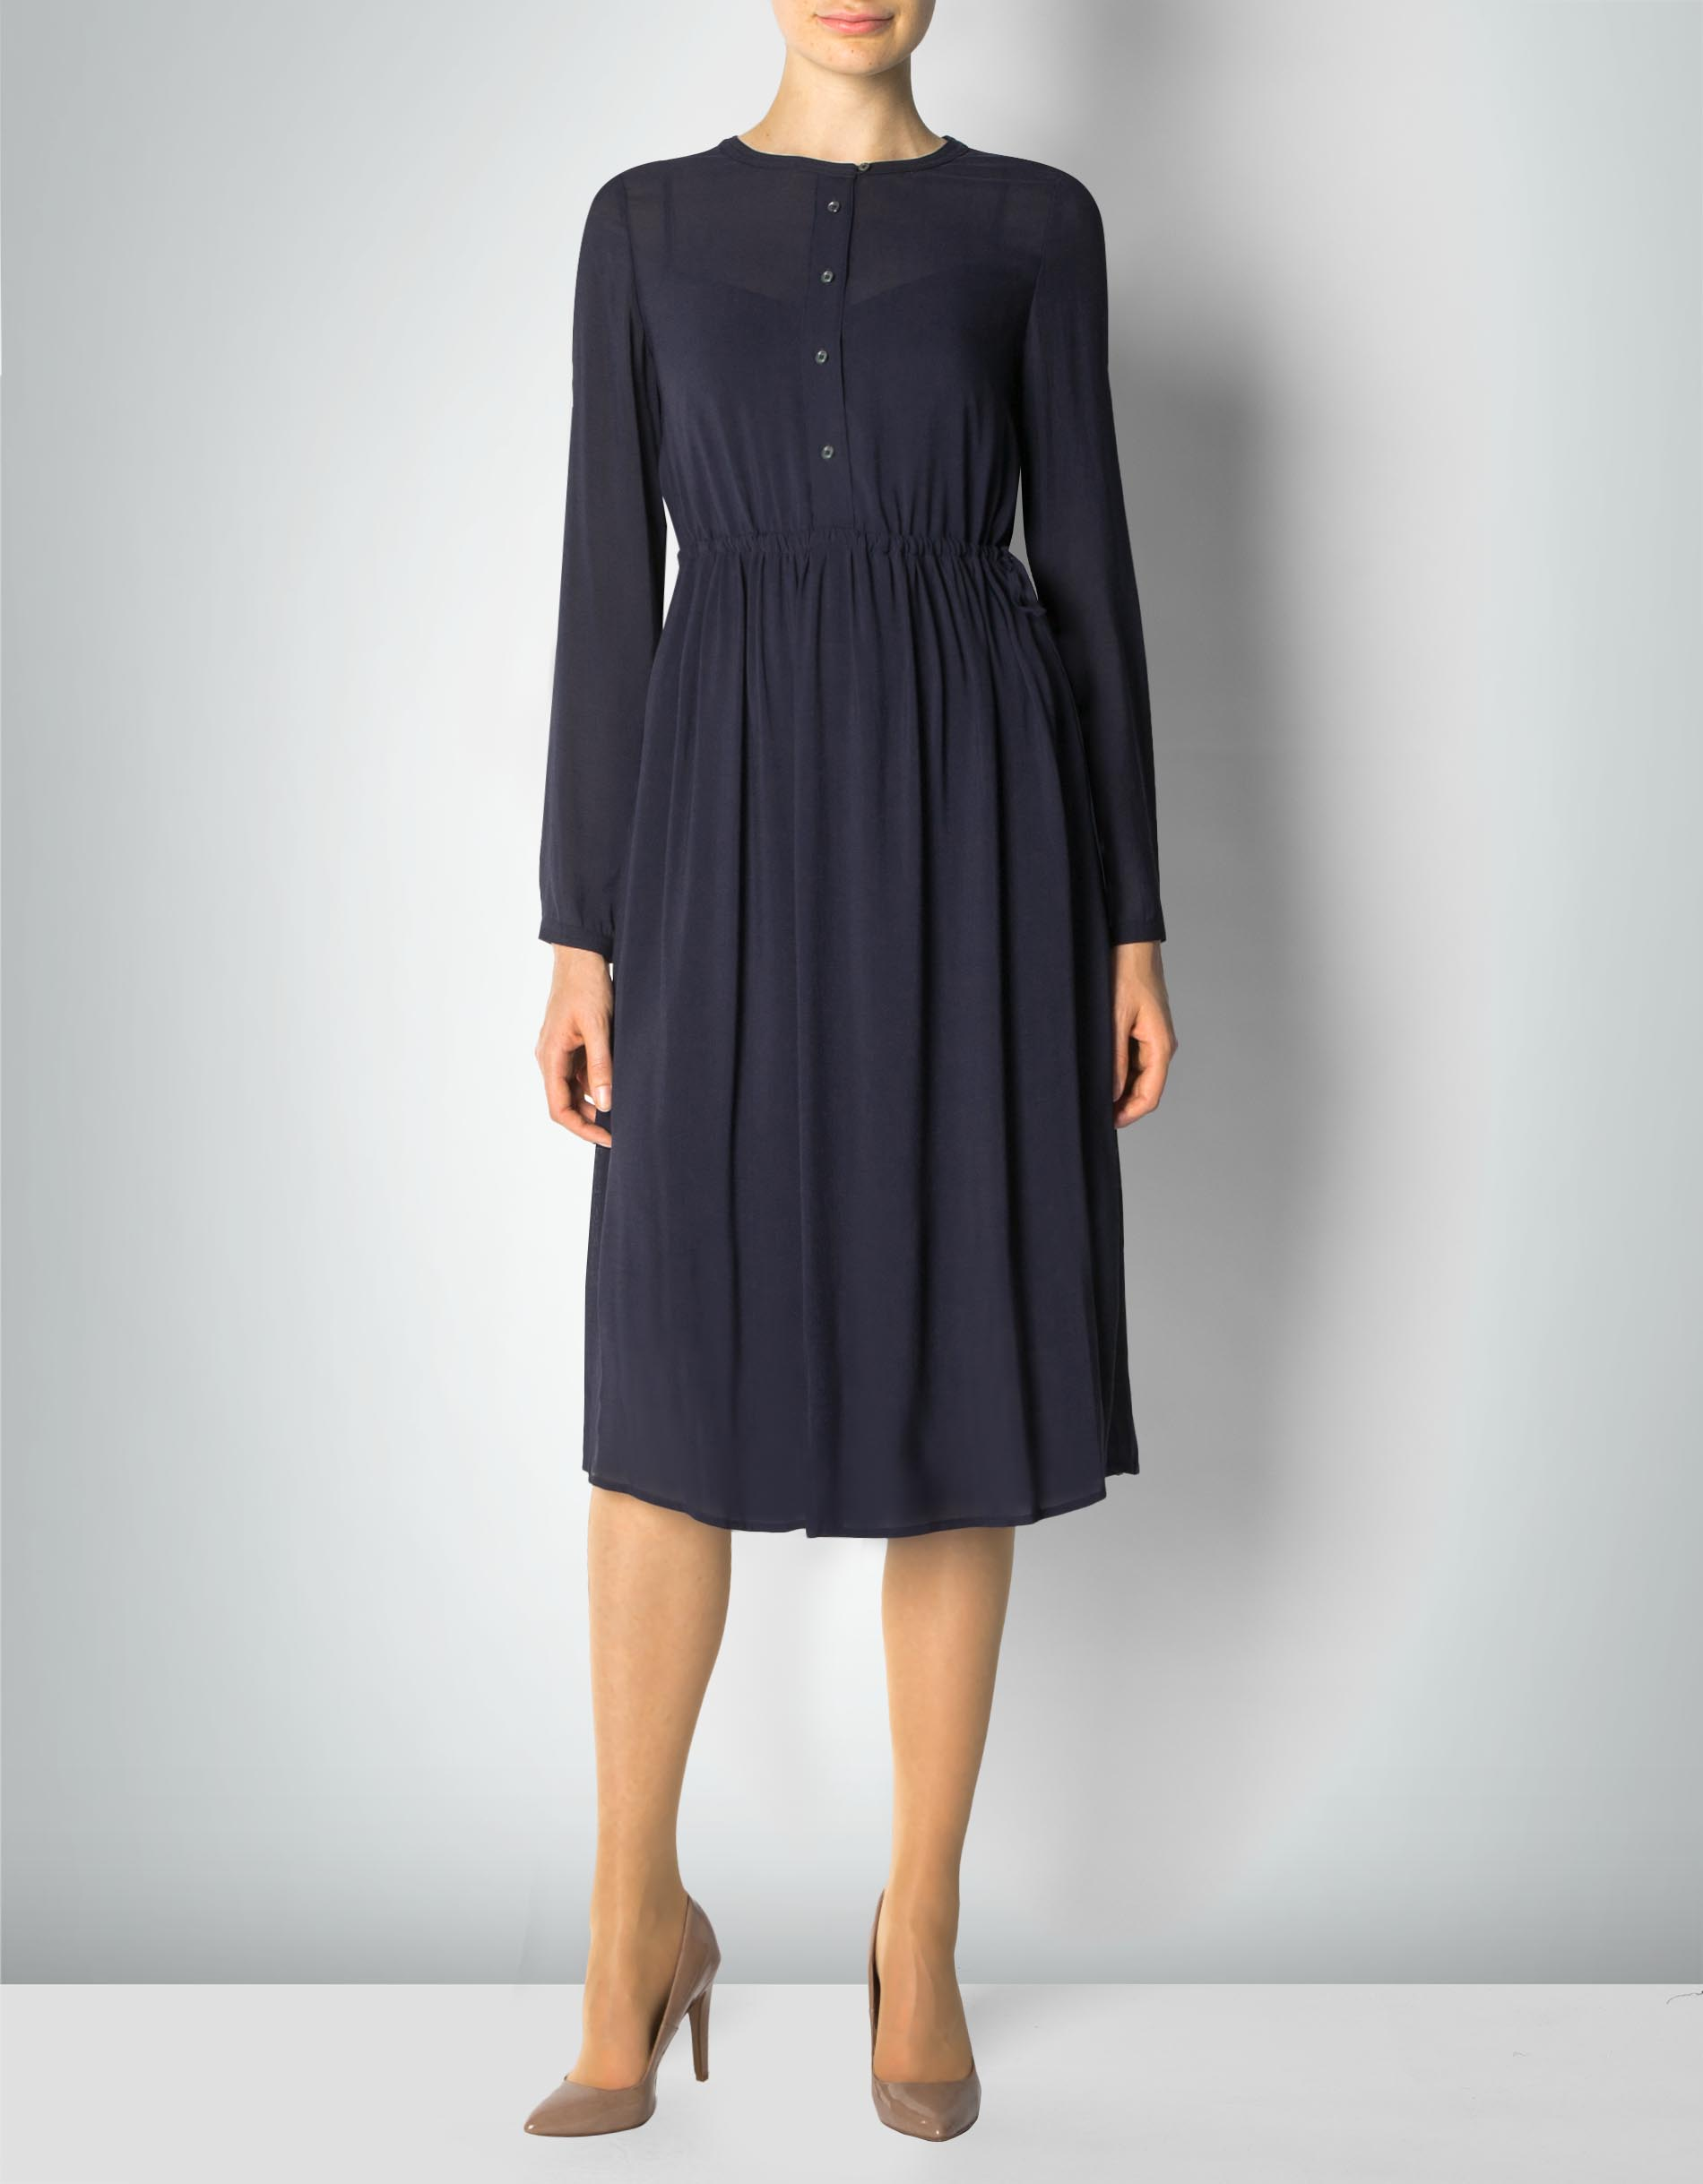 marc o 39 polo damen kleid mit knopfleiste empfohlen von deinen schwestern. Black Bedroom Furniture Sets. Home Design Ideas